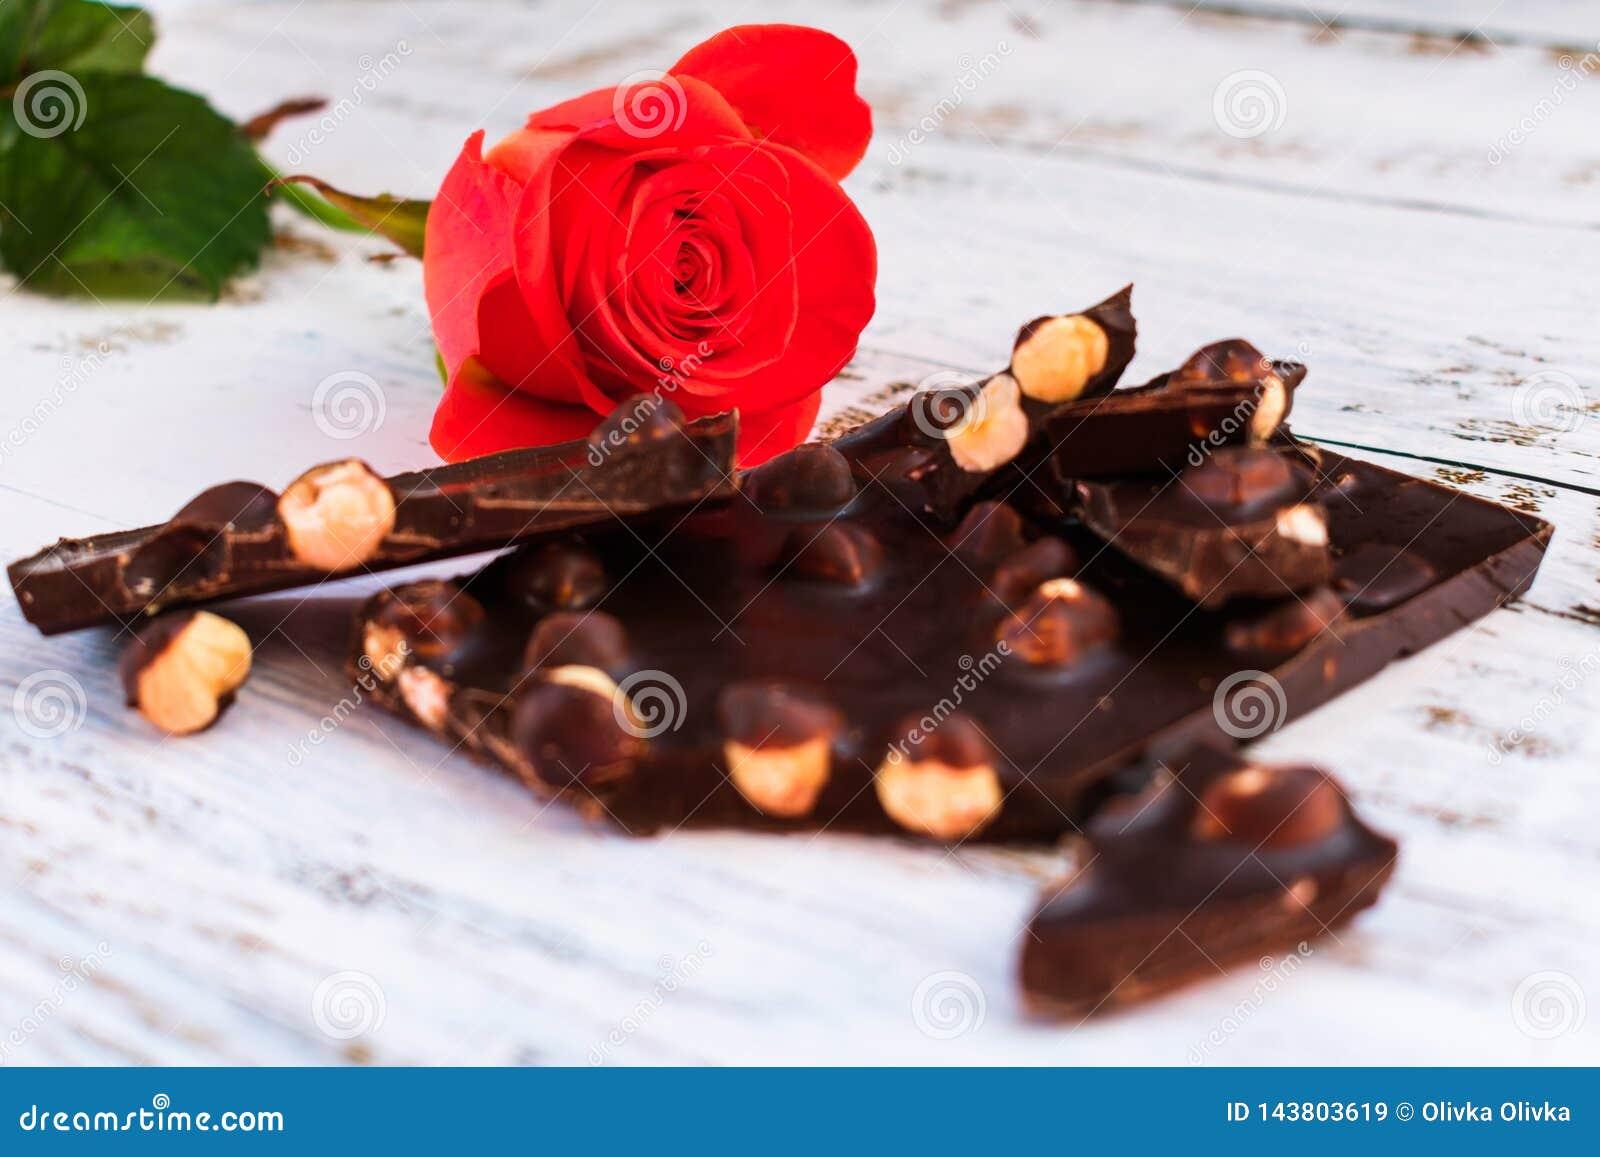 Красная роза и черный шоколад с фундуками